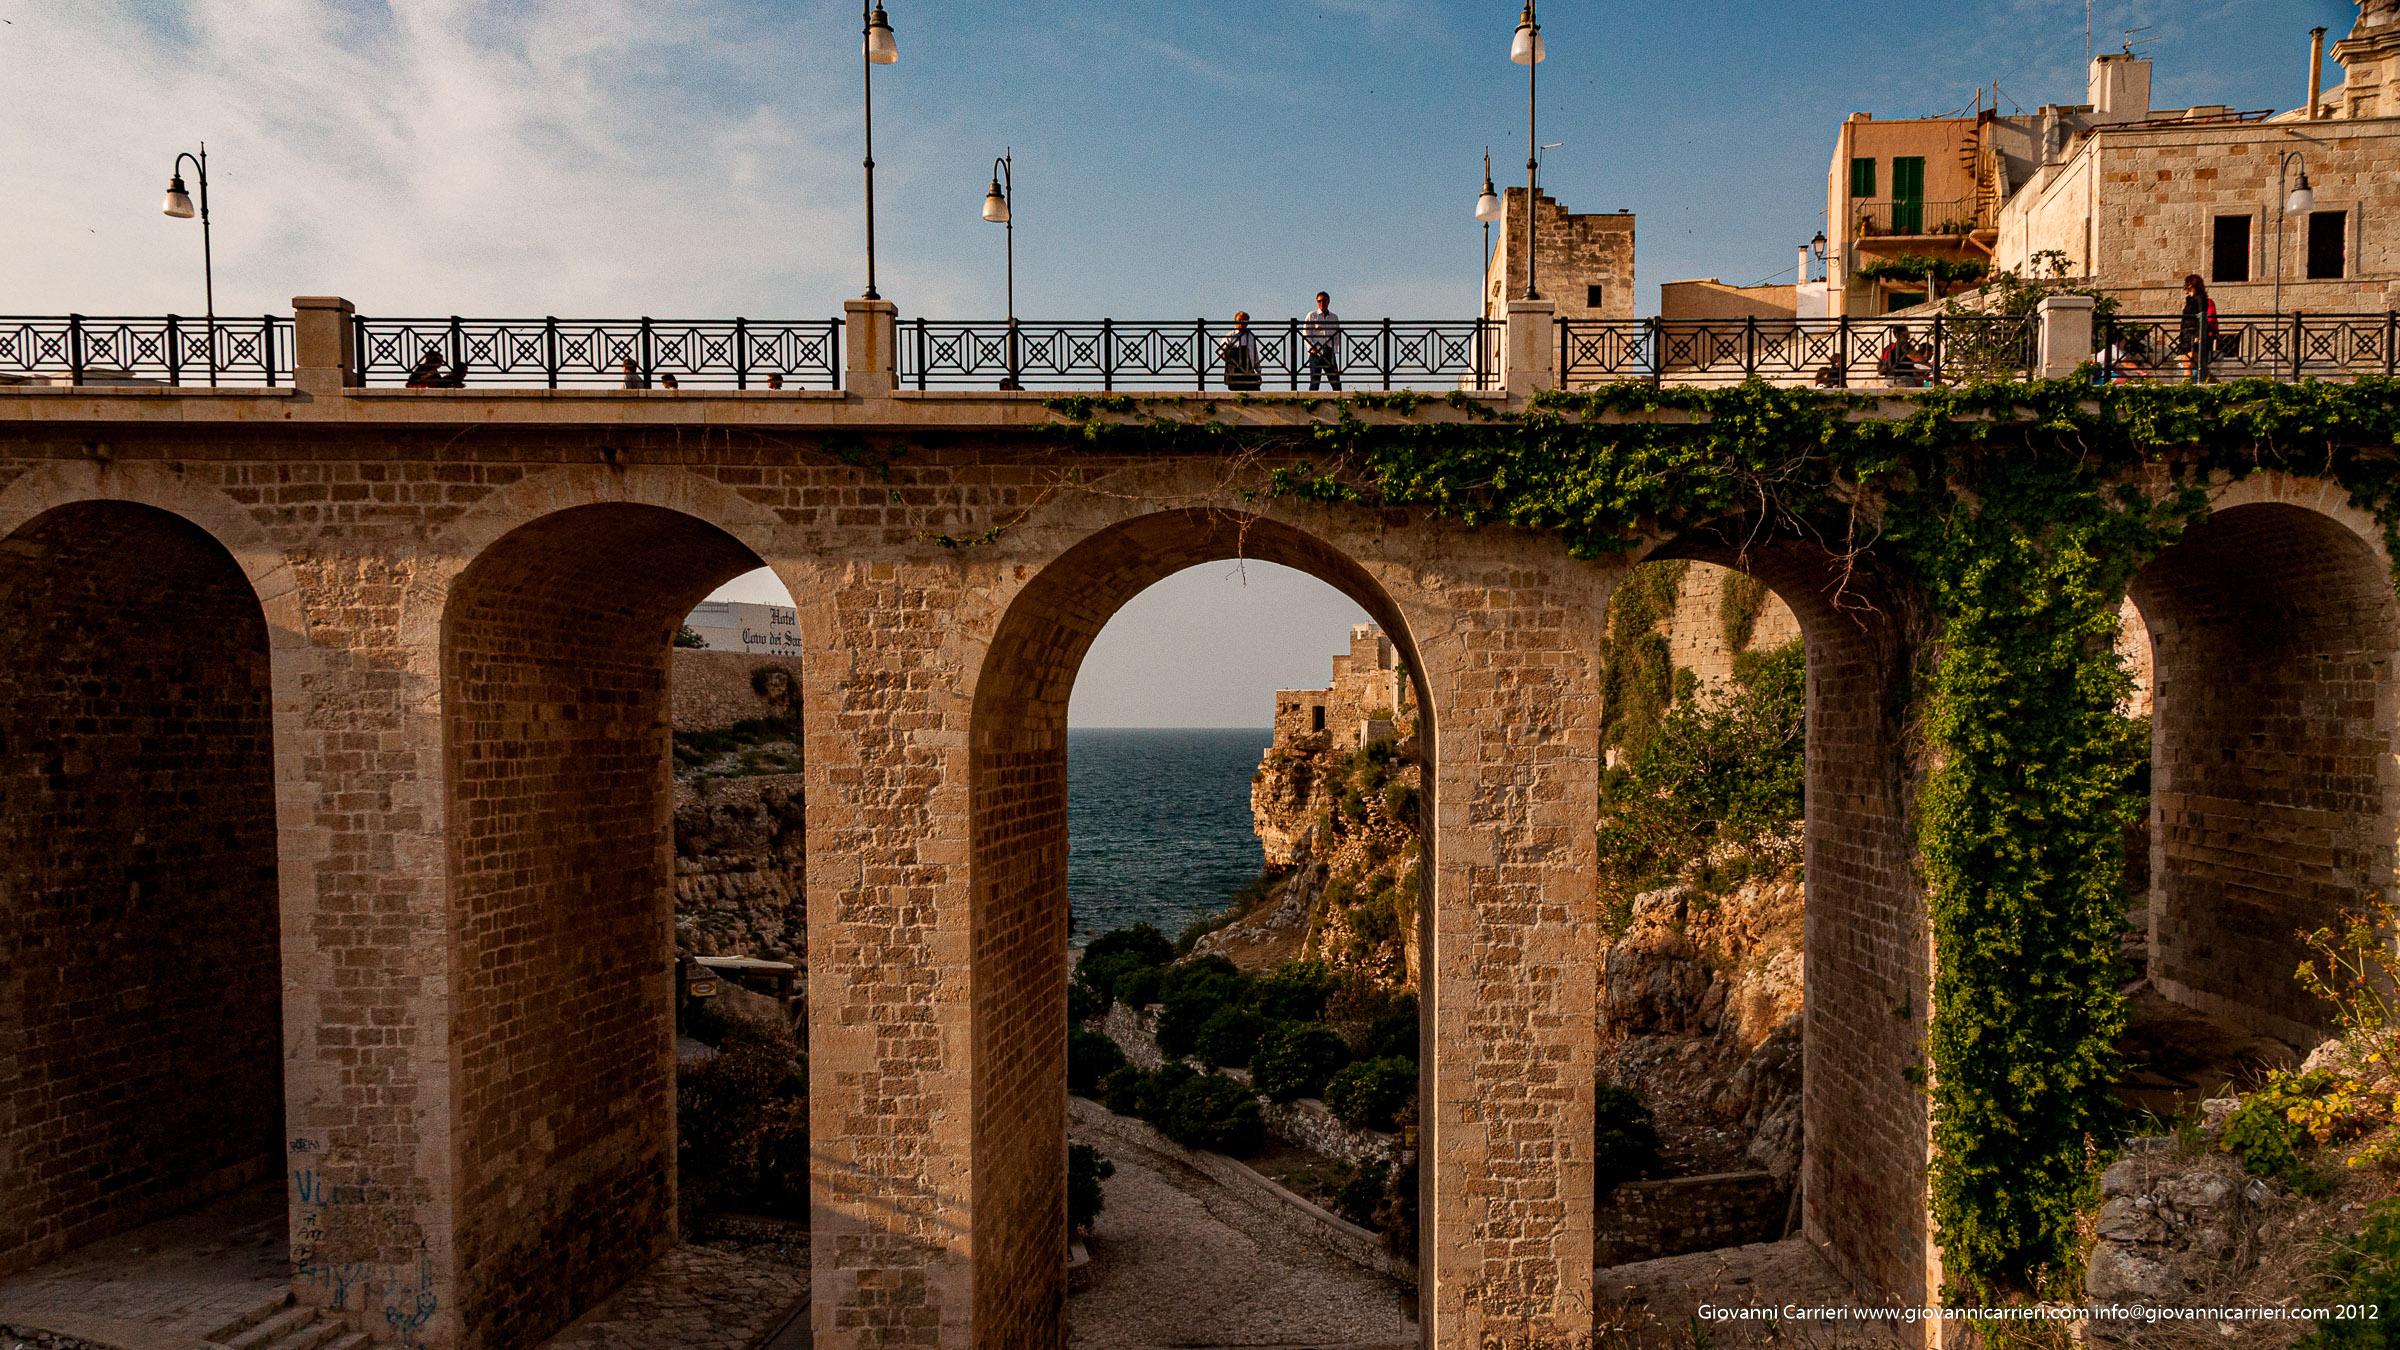 Il ponte borbonico e la Cala Monachile di Polignano